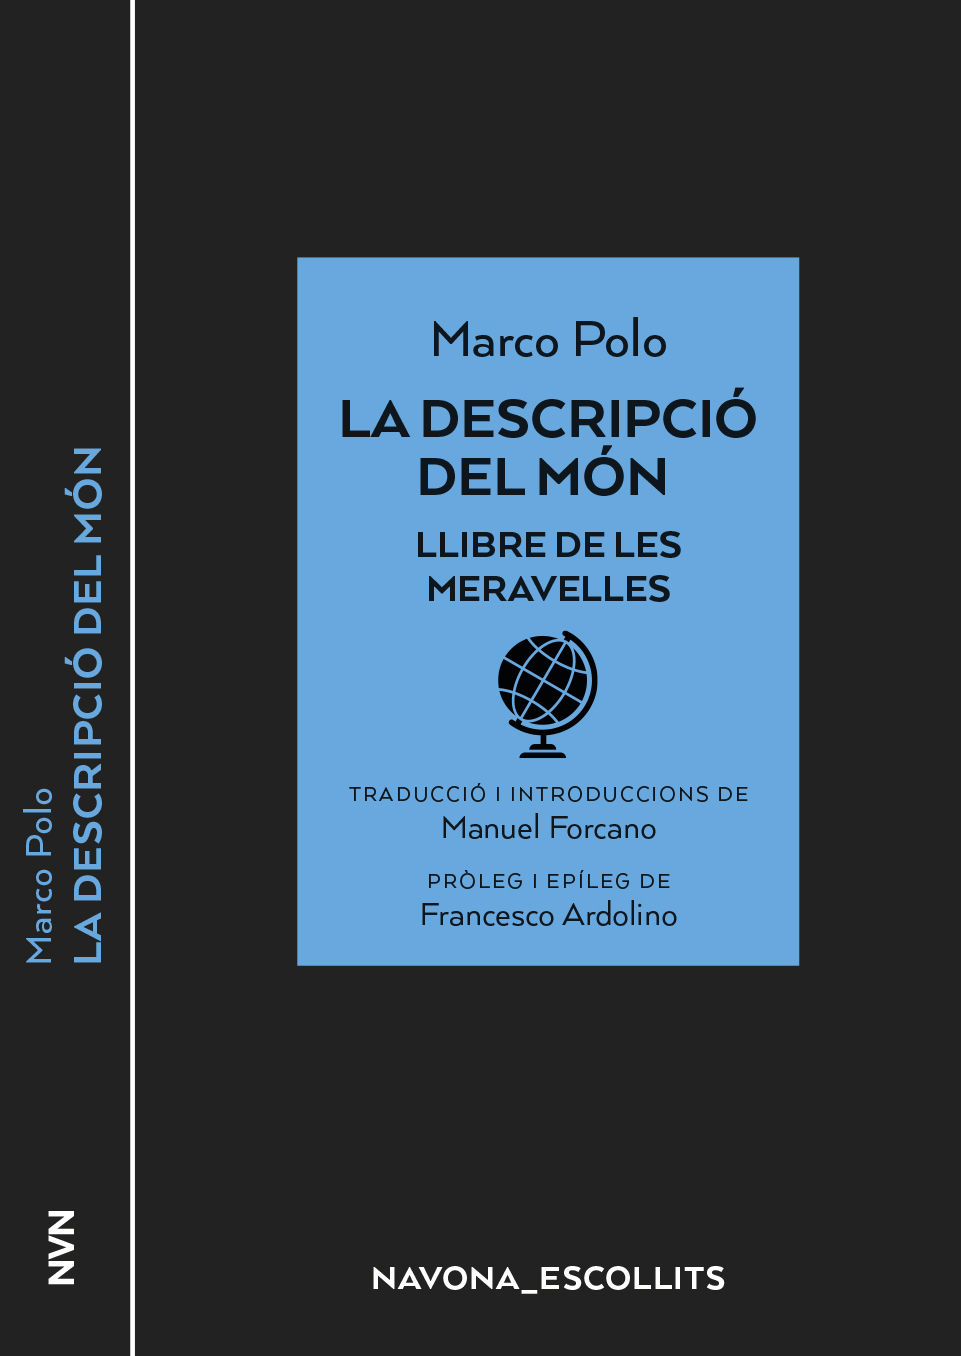 DESCRIPCIÓ DEL MÓN LA